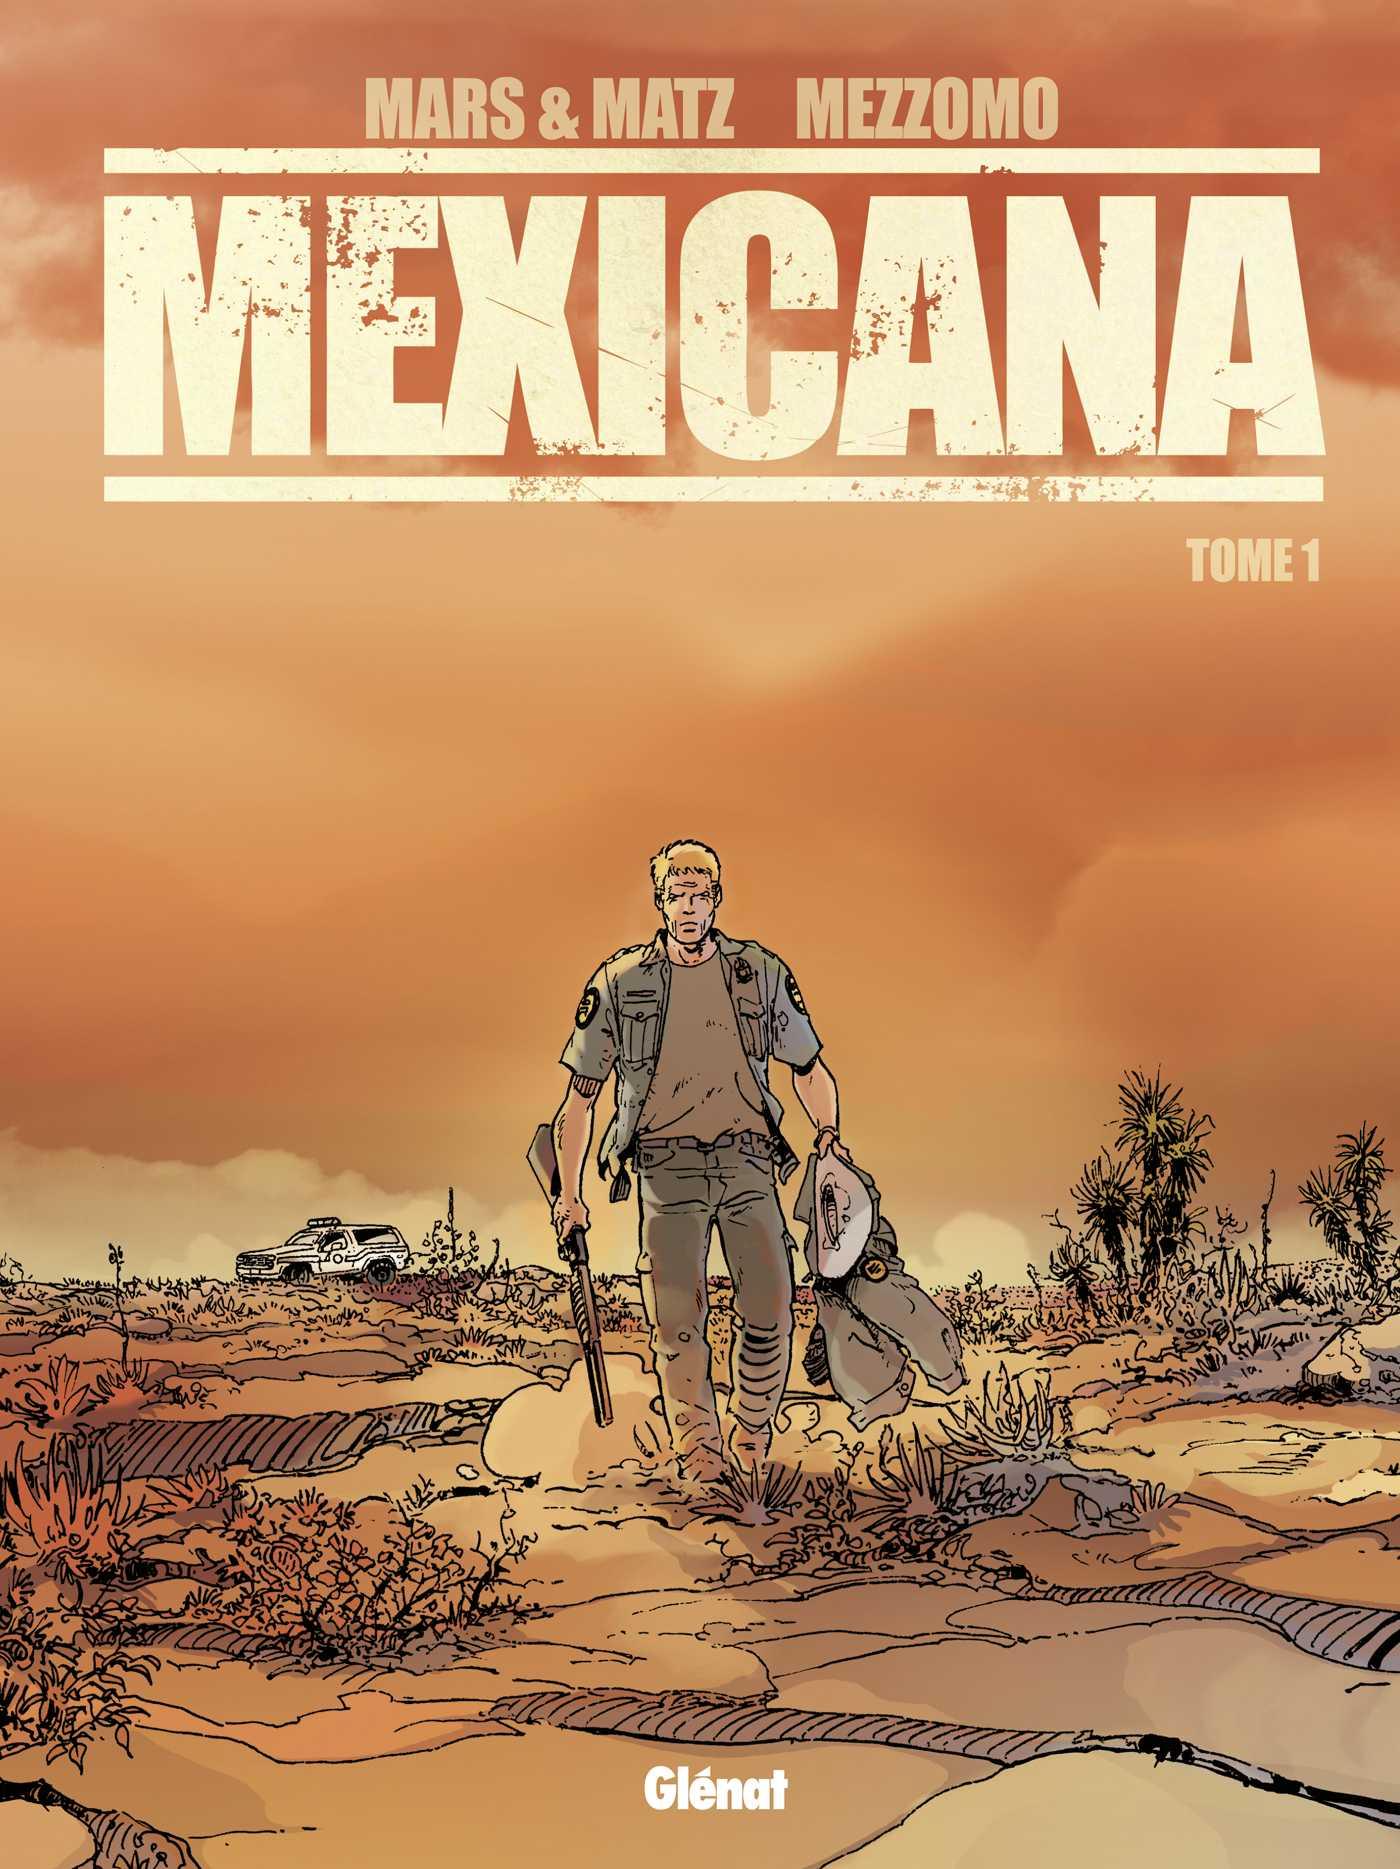 Mexicana, descente aux enfers pour le père et le fils